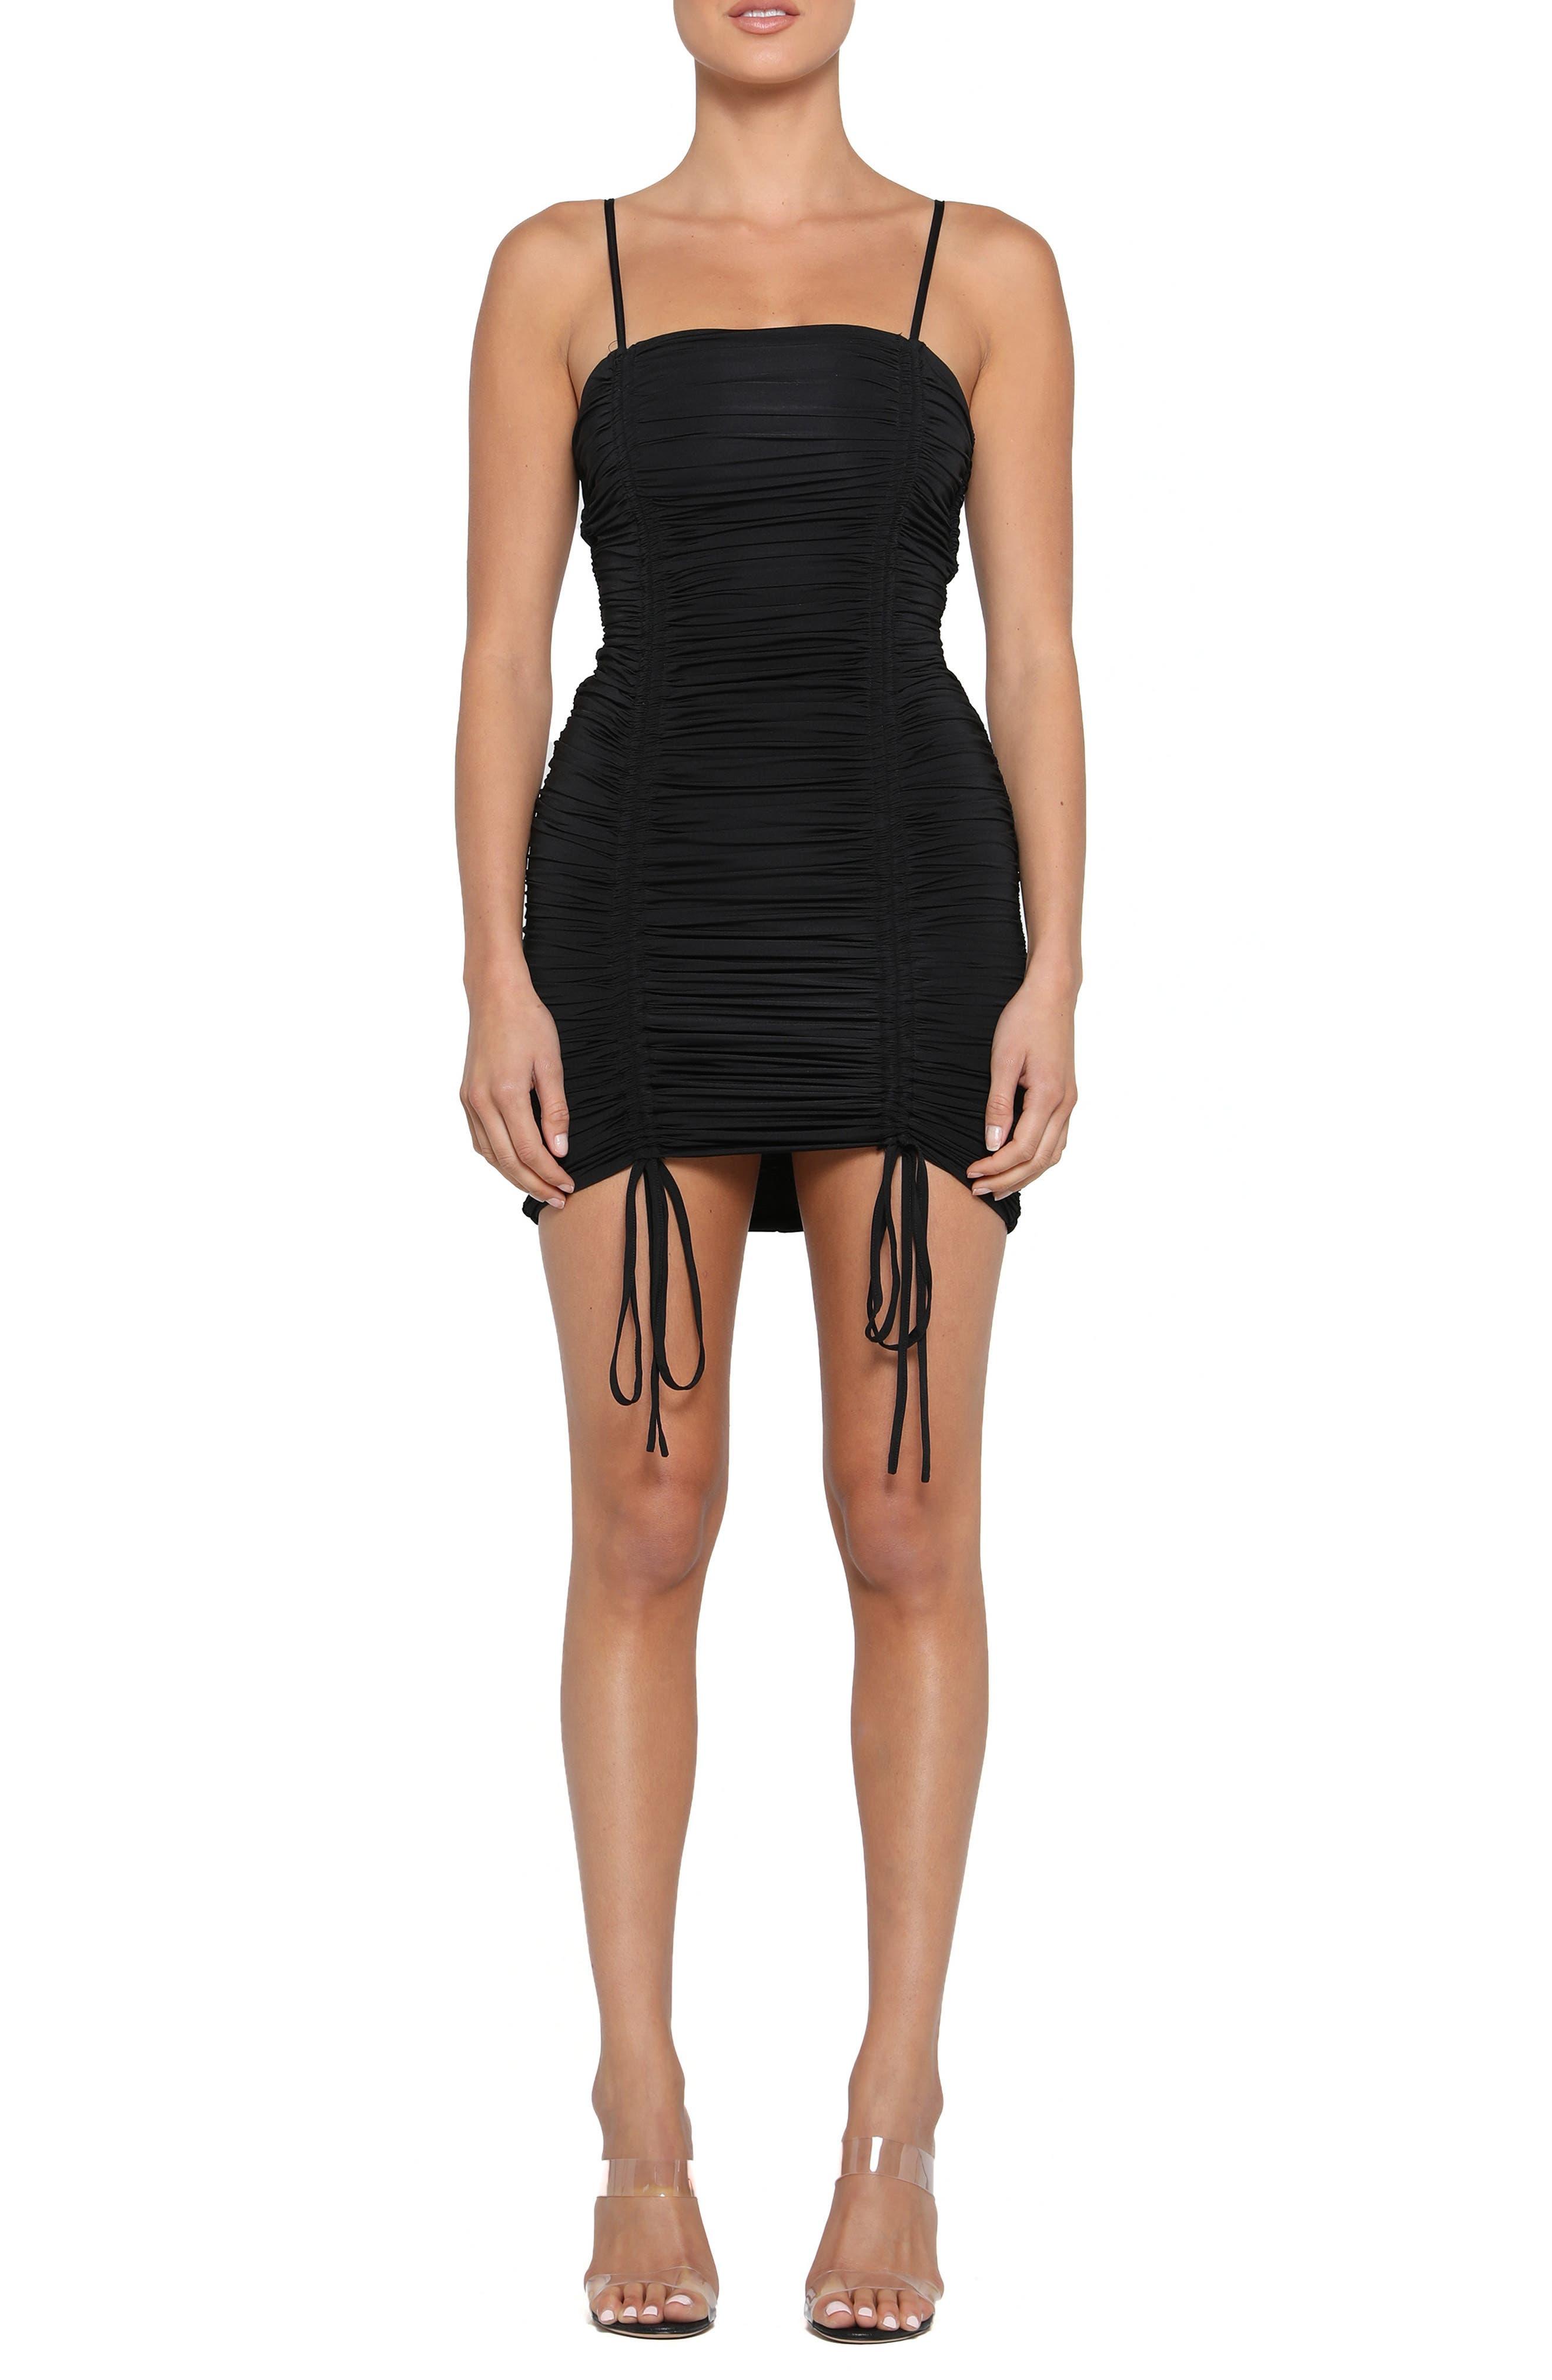 Tiger Mist Zion Ruched Mini Dress, Black